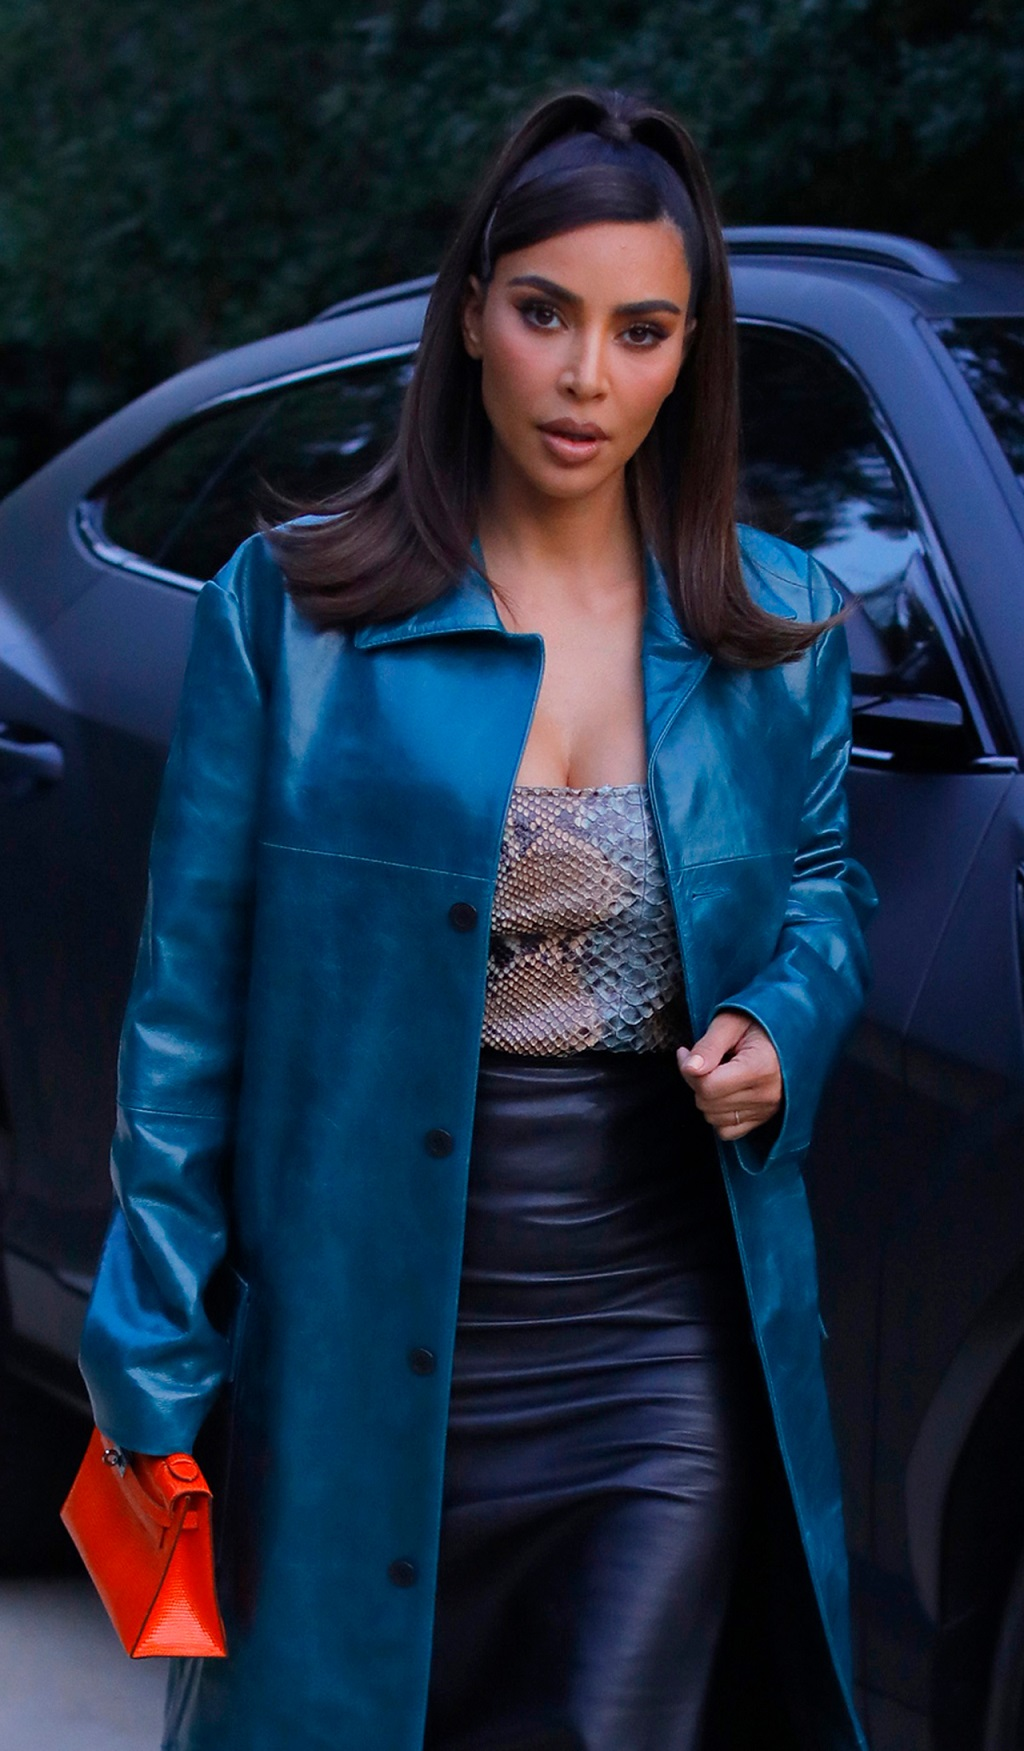 Kim Kardashian w drodze na spotkanie biznesowe.